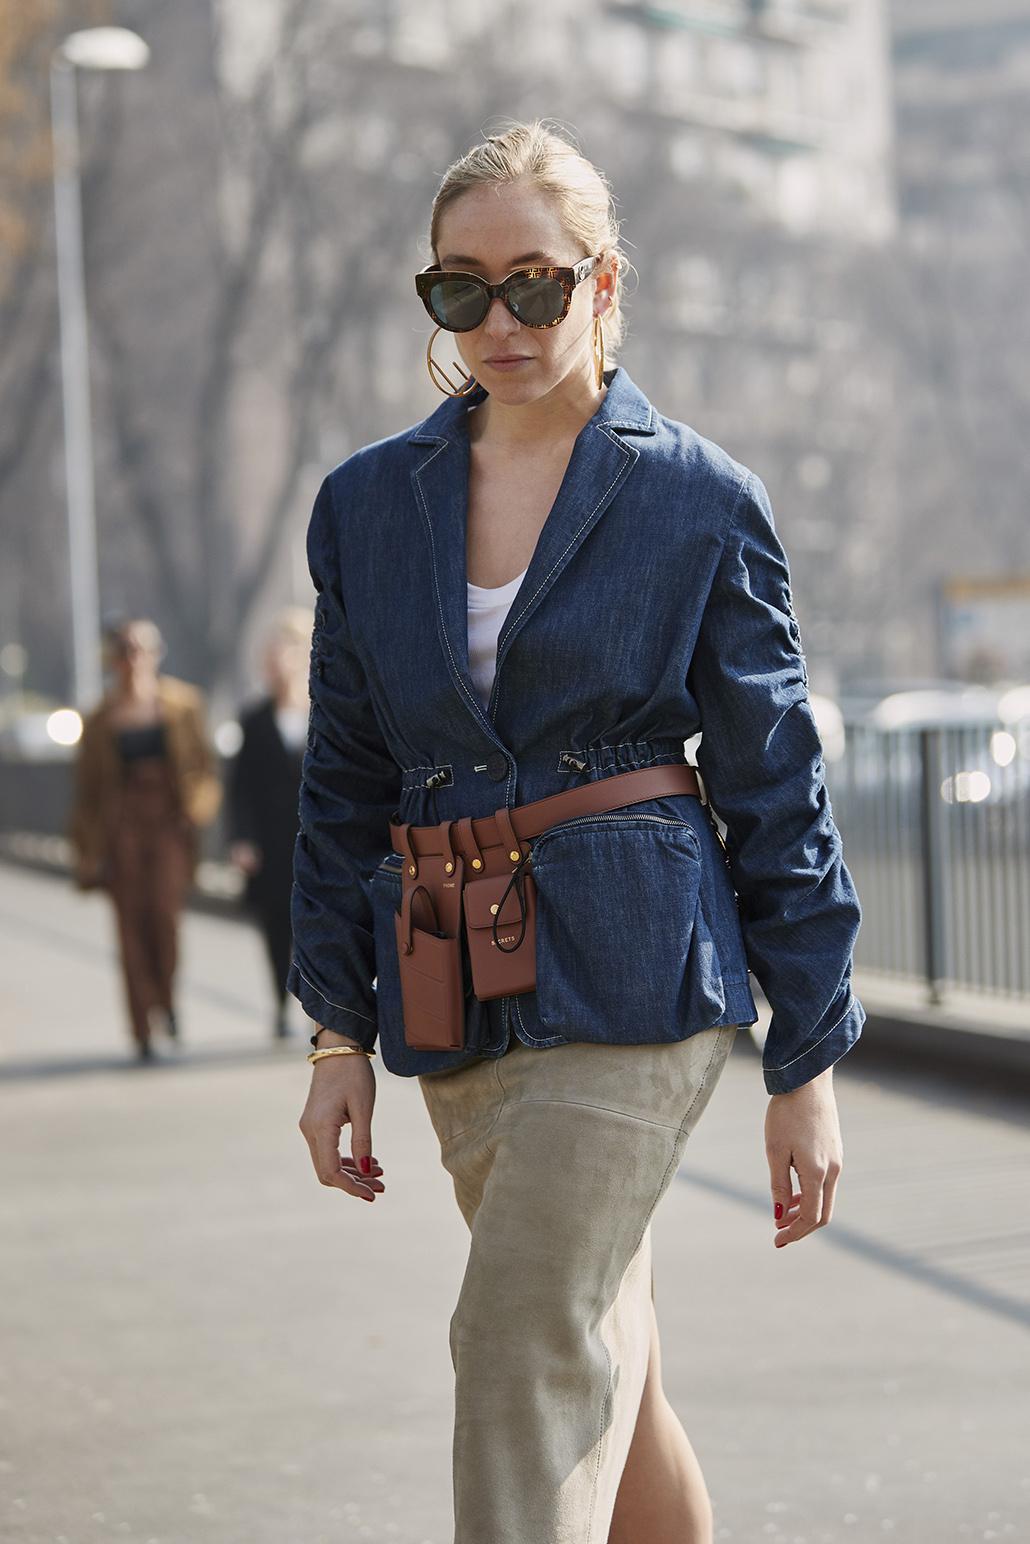 Είναι η πιο σωστή στιγμή να αφεθείς στην γοητεία των belt bags. Αυτό το  είδος τσάντας ταιριάζει με τα σακάκια σου όσο κανένα άλλο. c62ccd89eb7